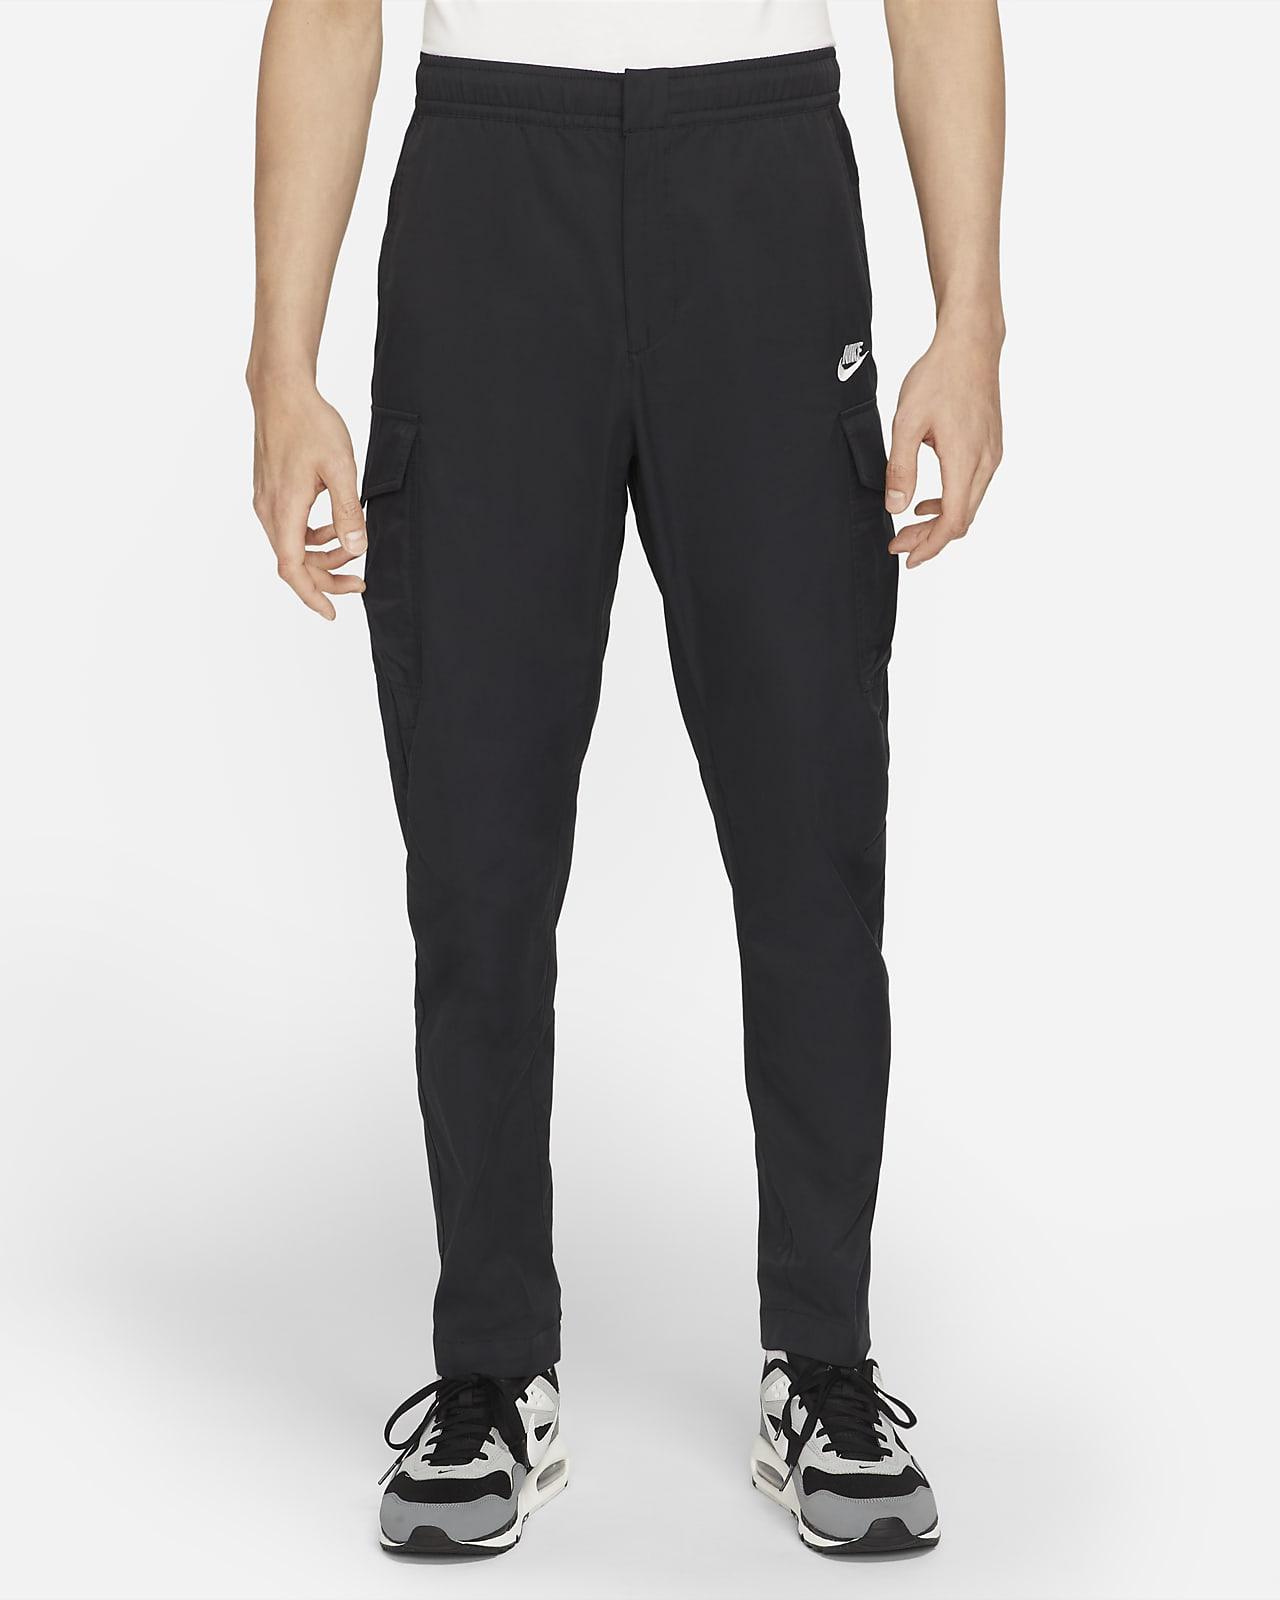 Nike Sportswear Men's Woven Unlined Utility Trousers